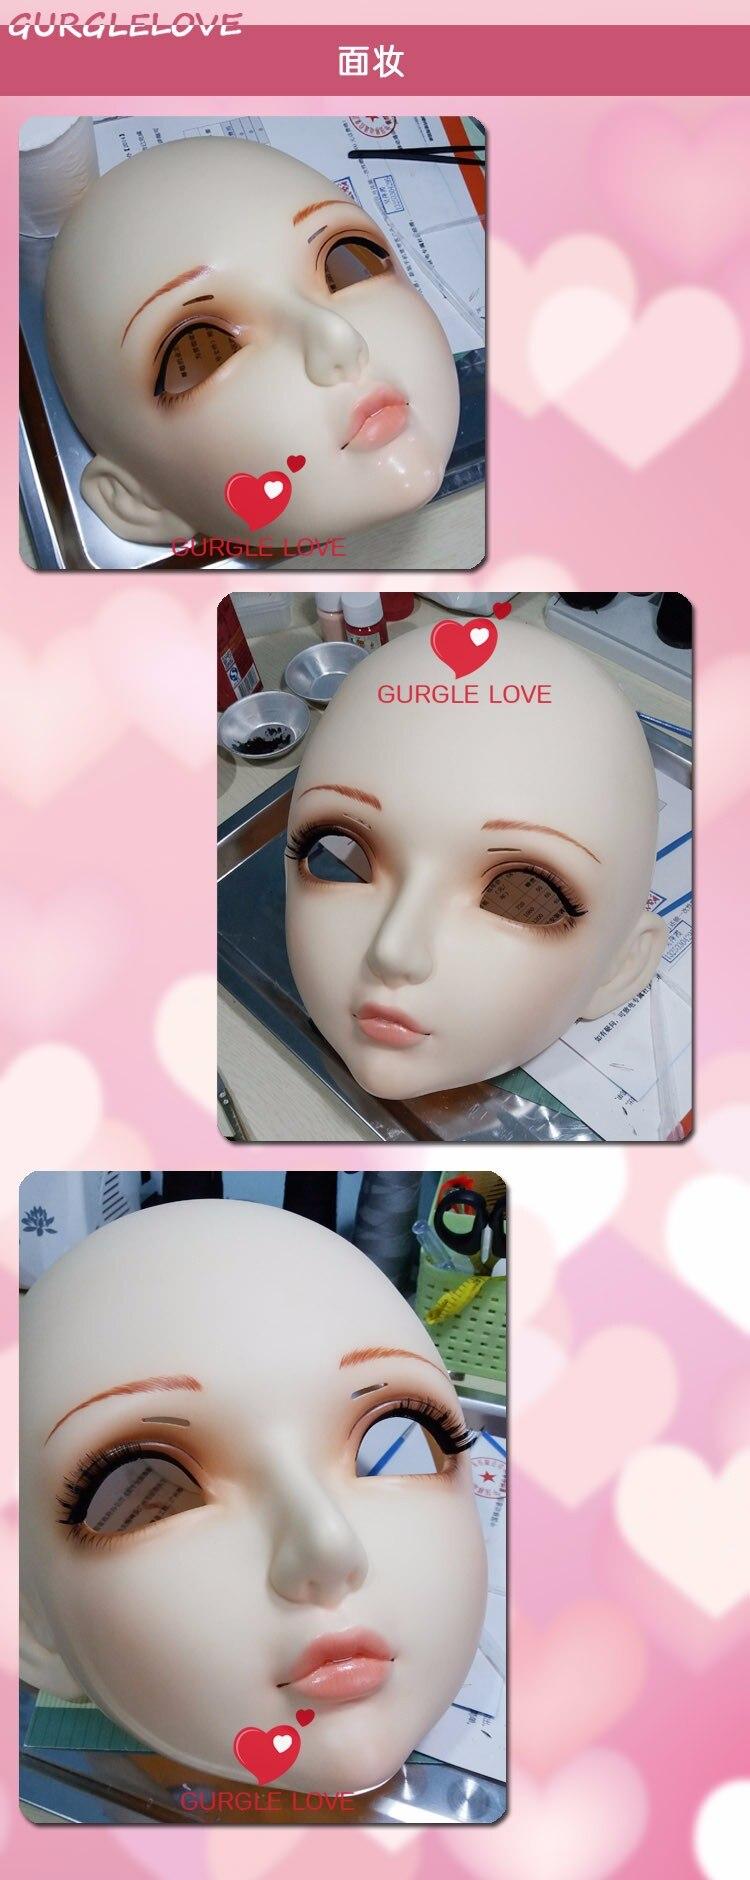 lolita realista real máscara crossdress boneca